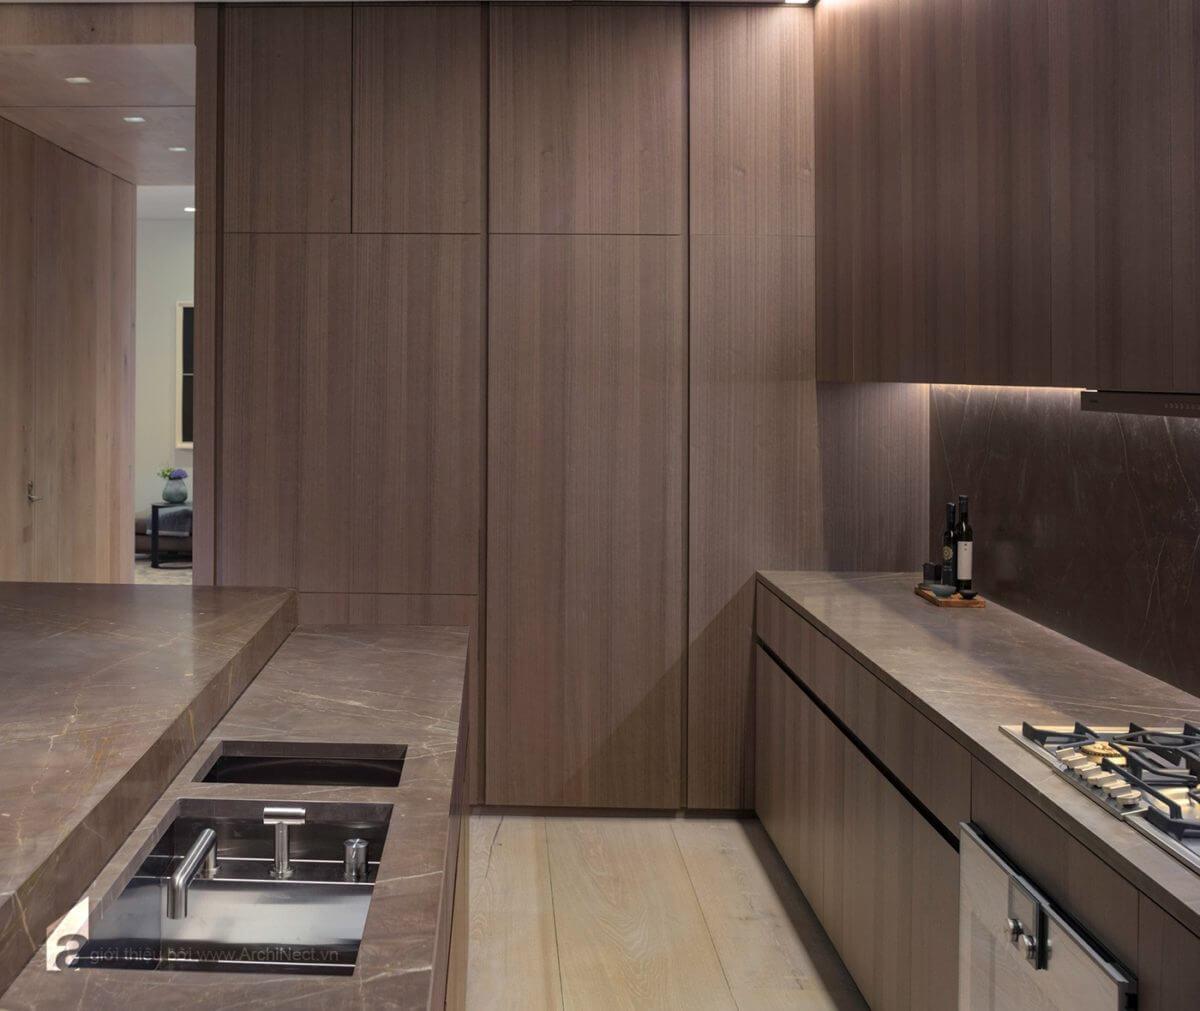 nhà bếp hiện đại và đầy đủ tiện nghi